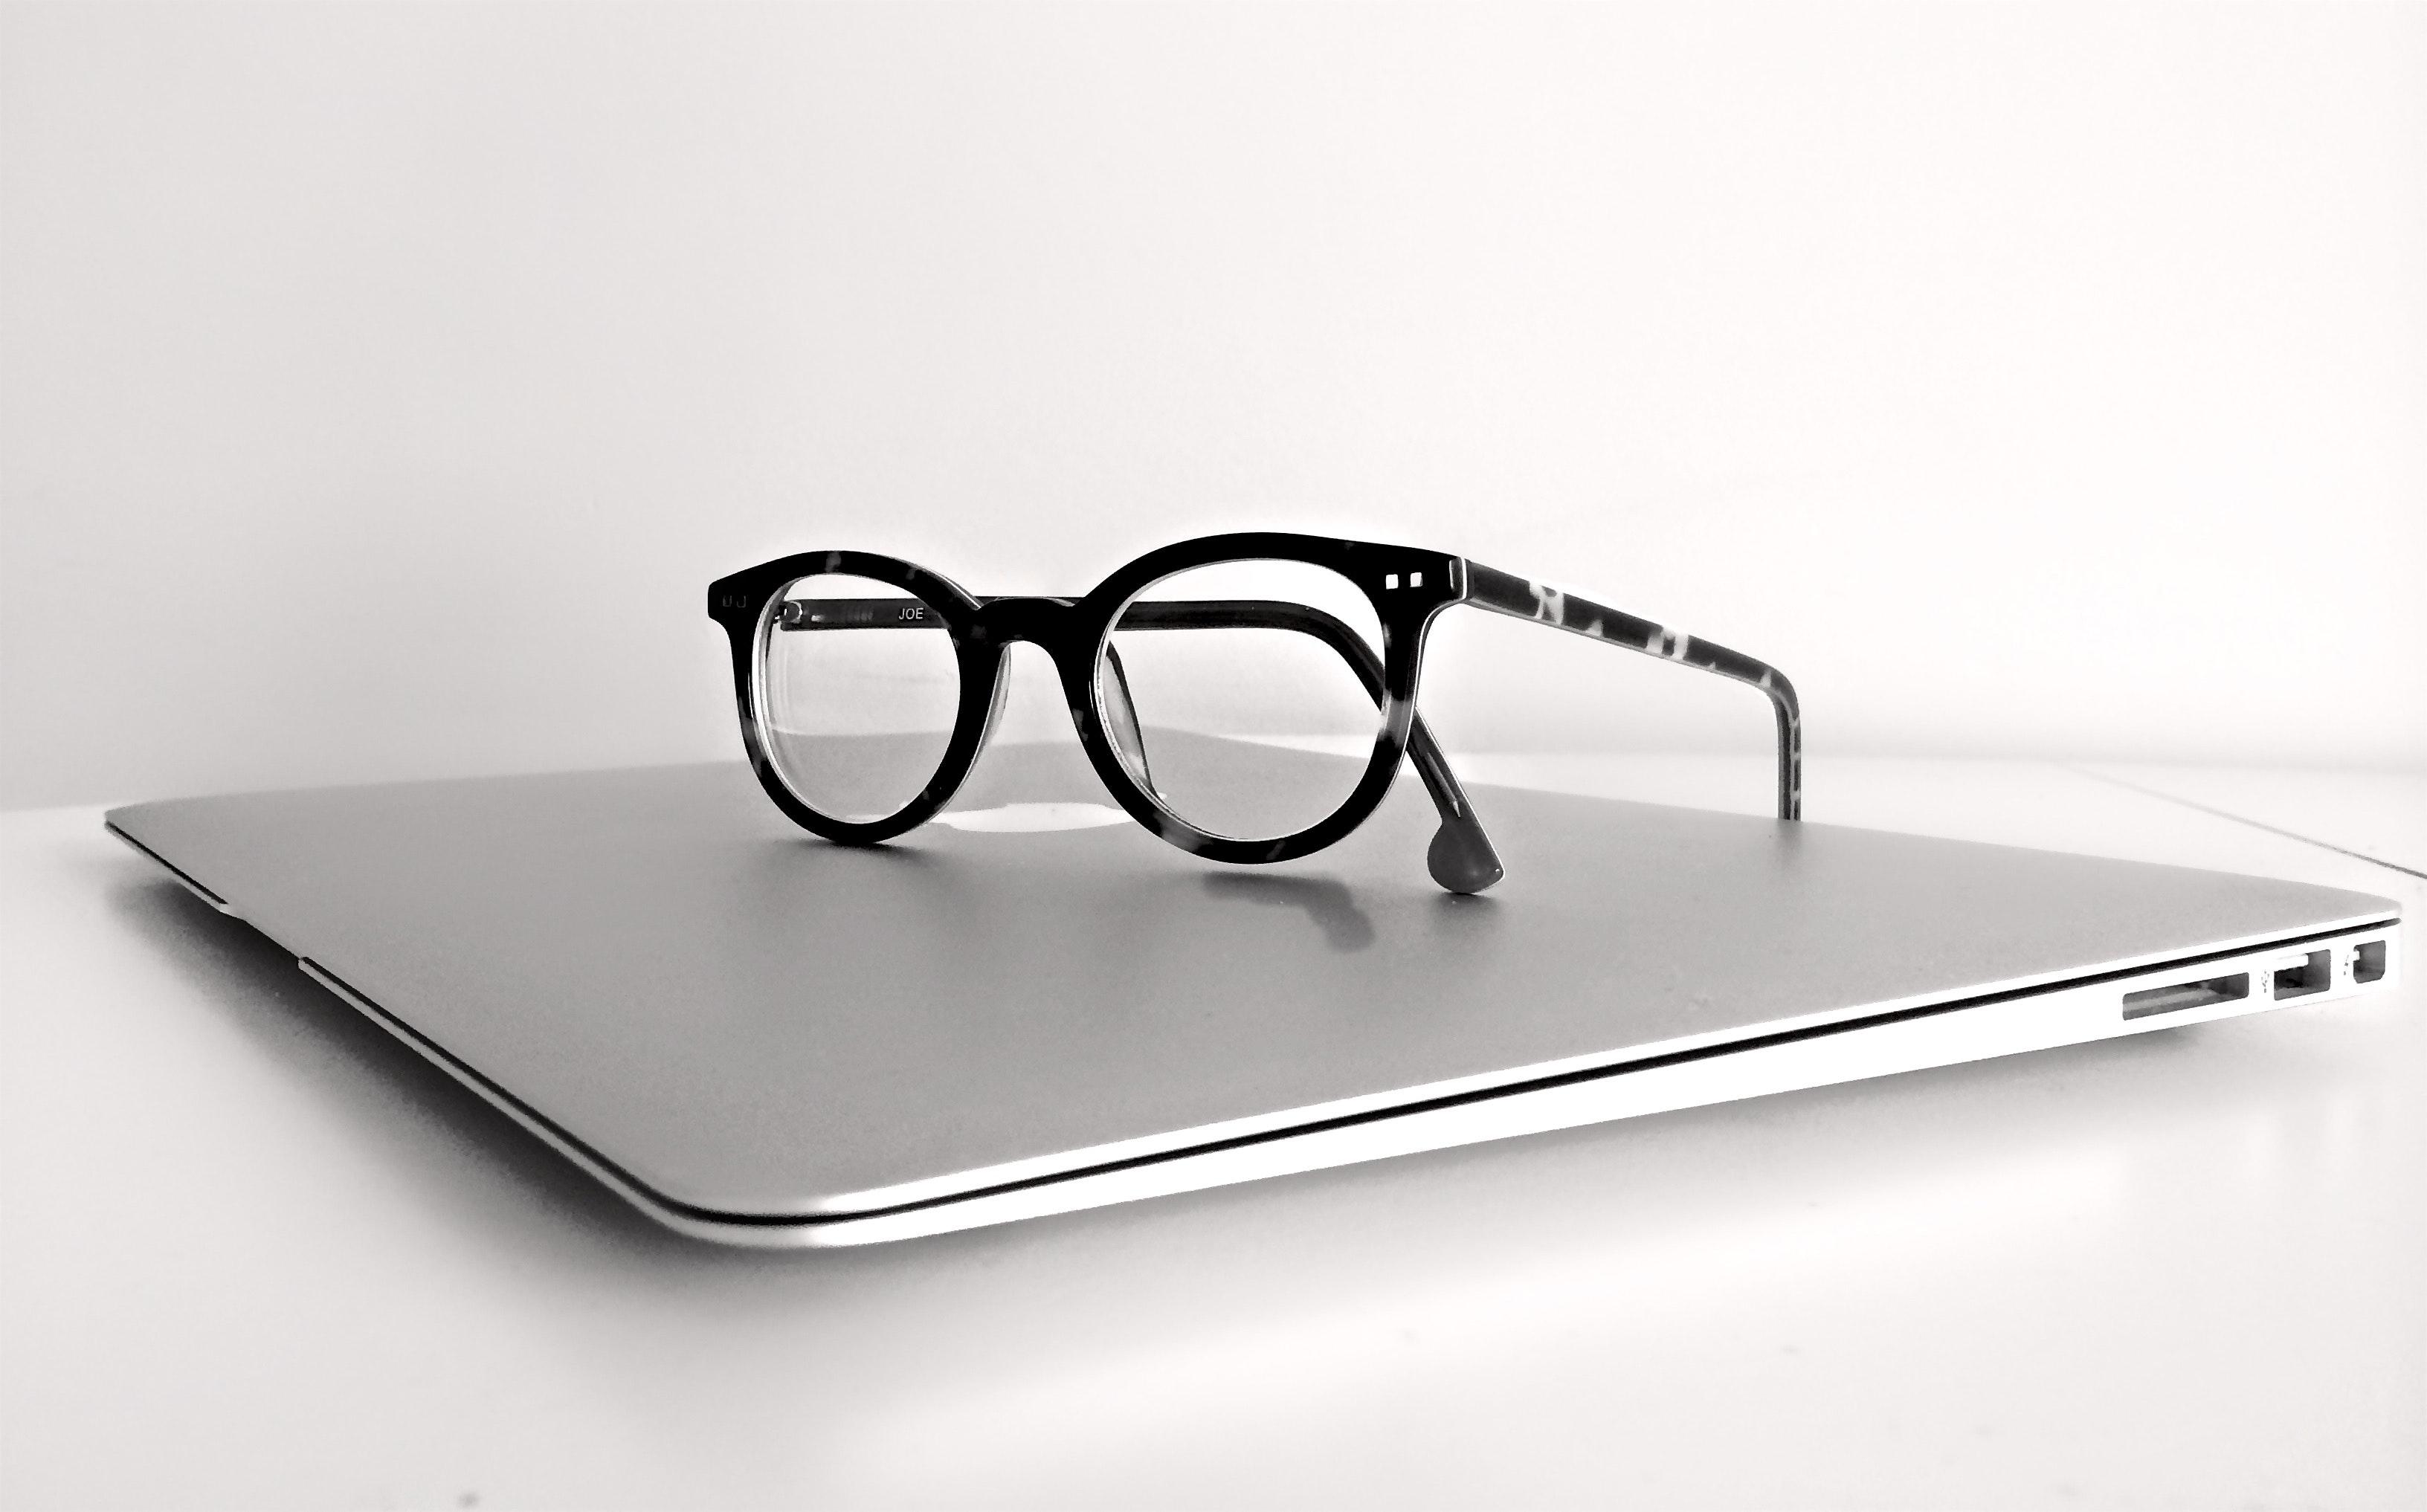 Black frame eyeglasses on silver macbook air photo